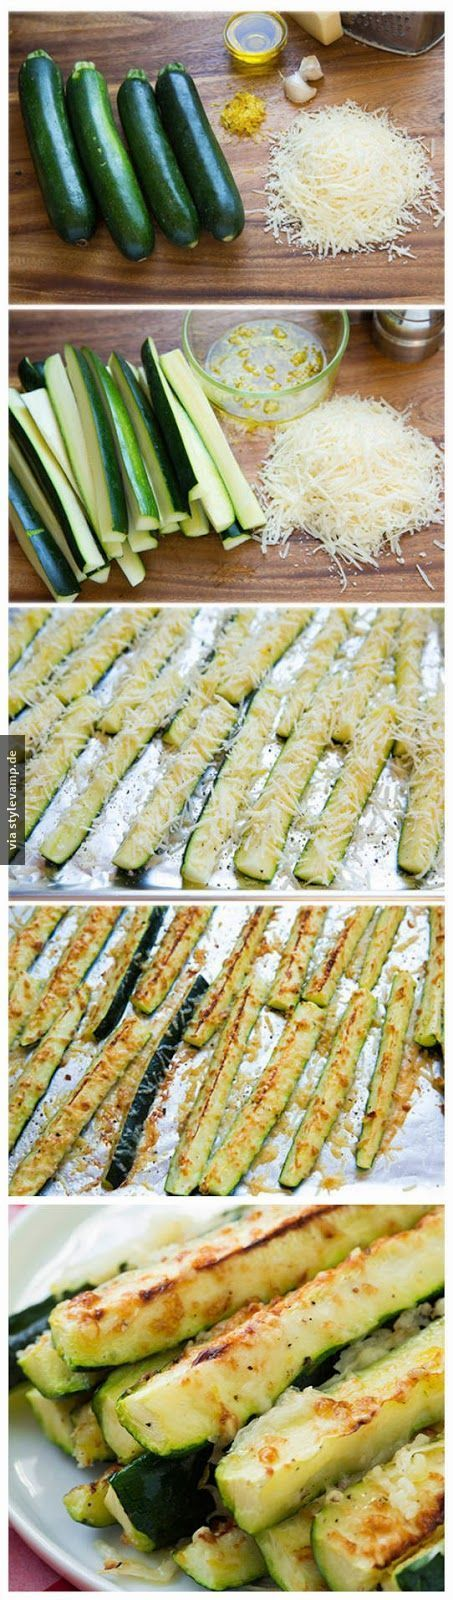 Ein bombastisches Geschmackserlebnis mit Zucchini?